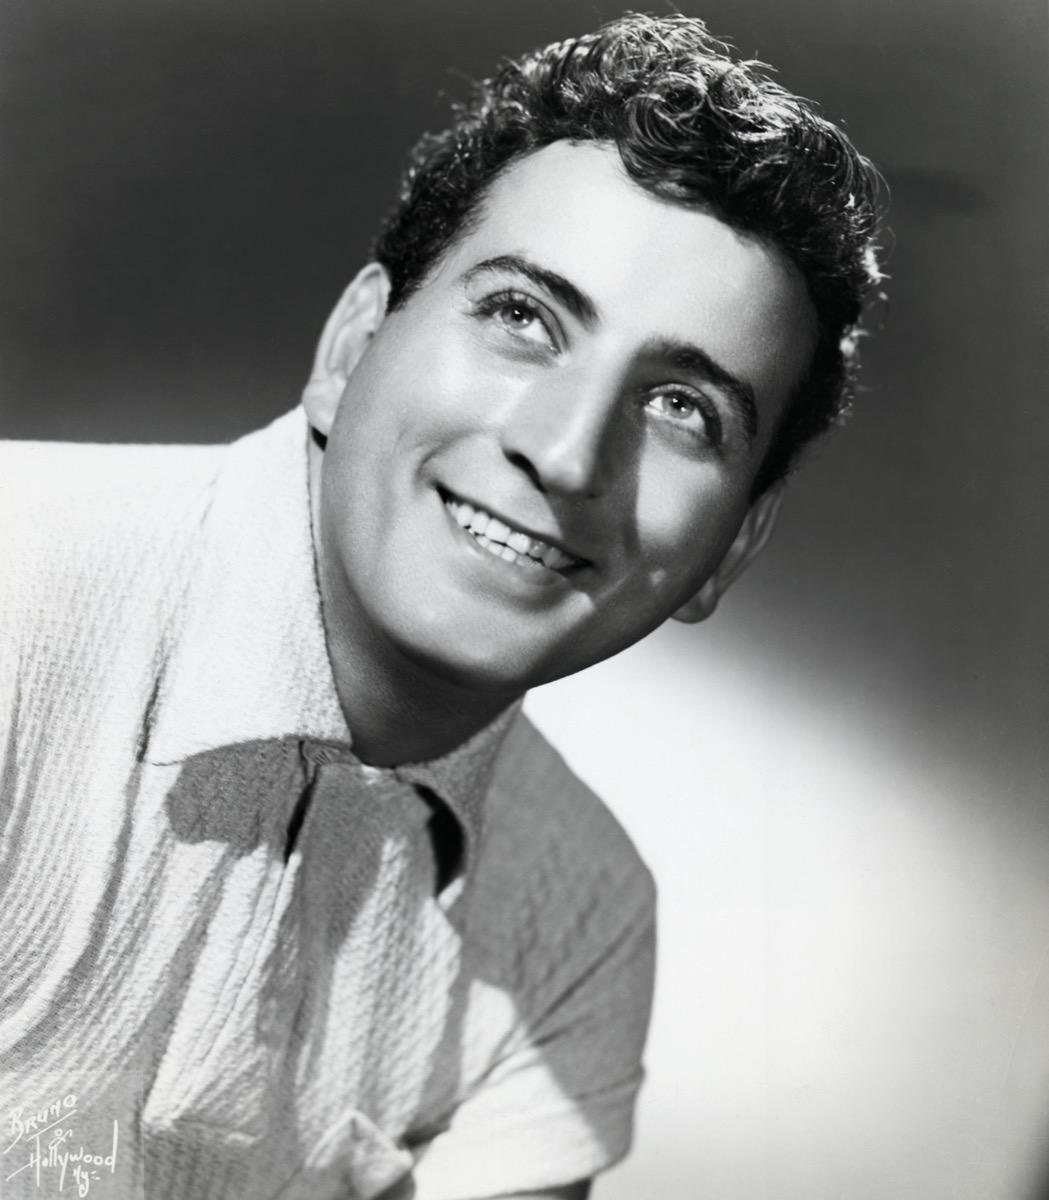 Tony Bennett in 1950